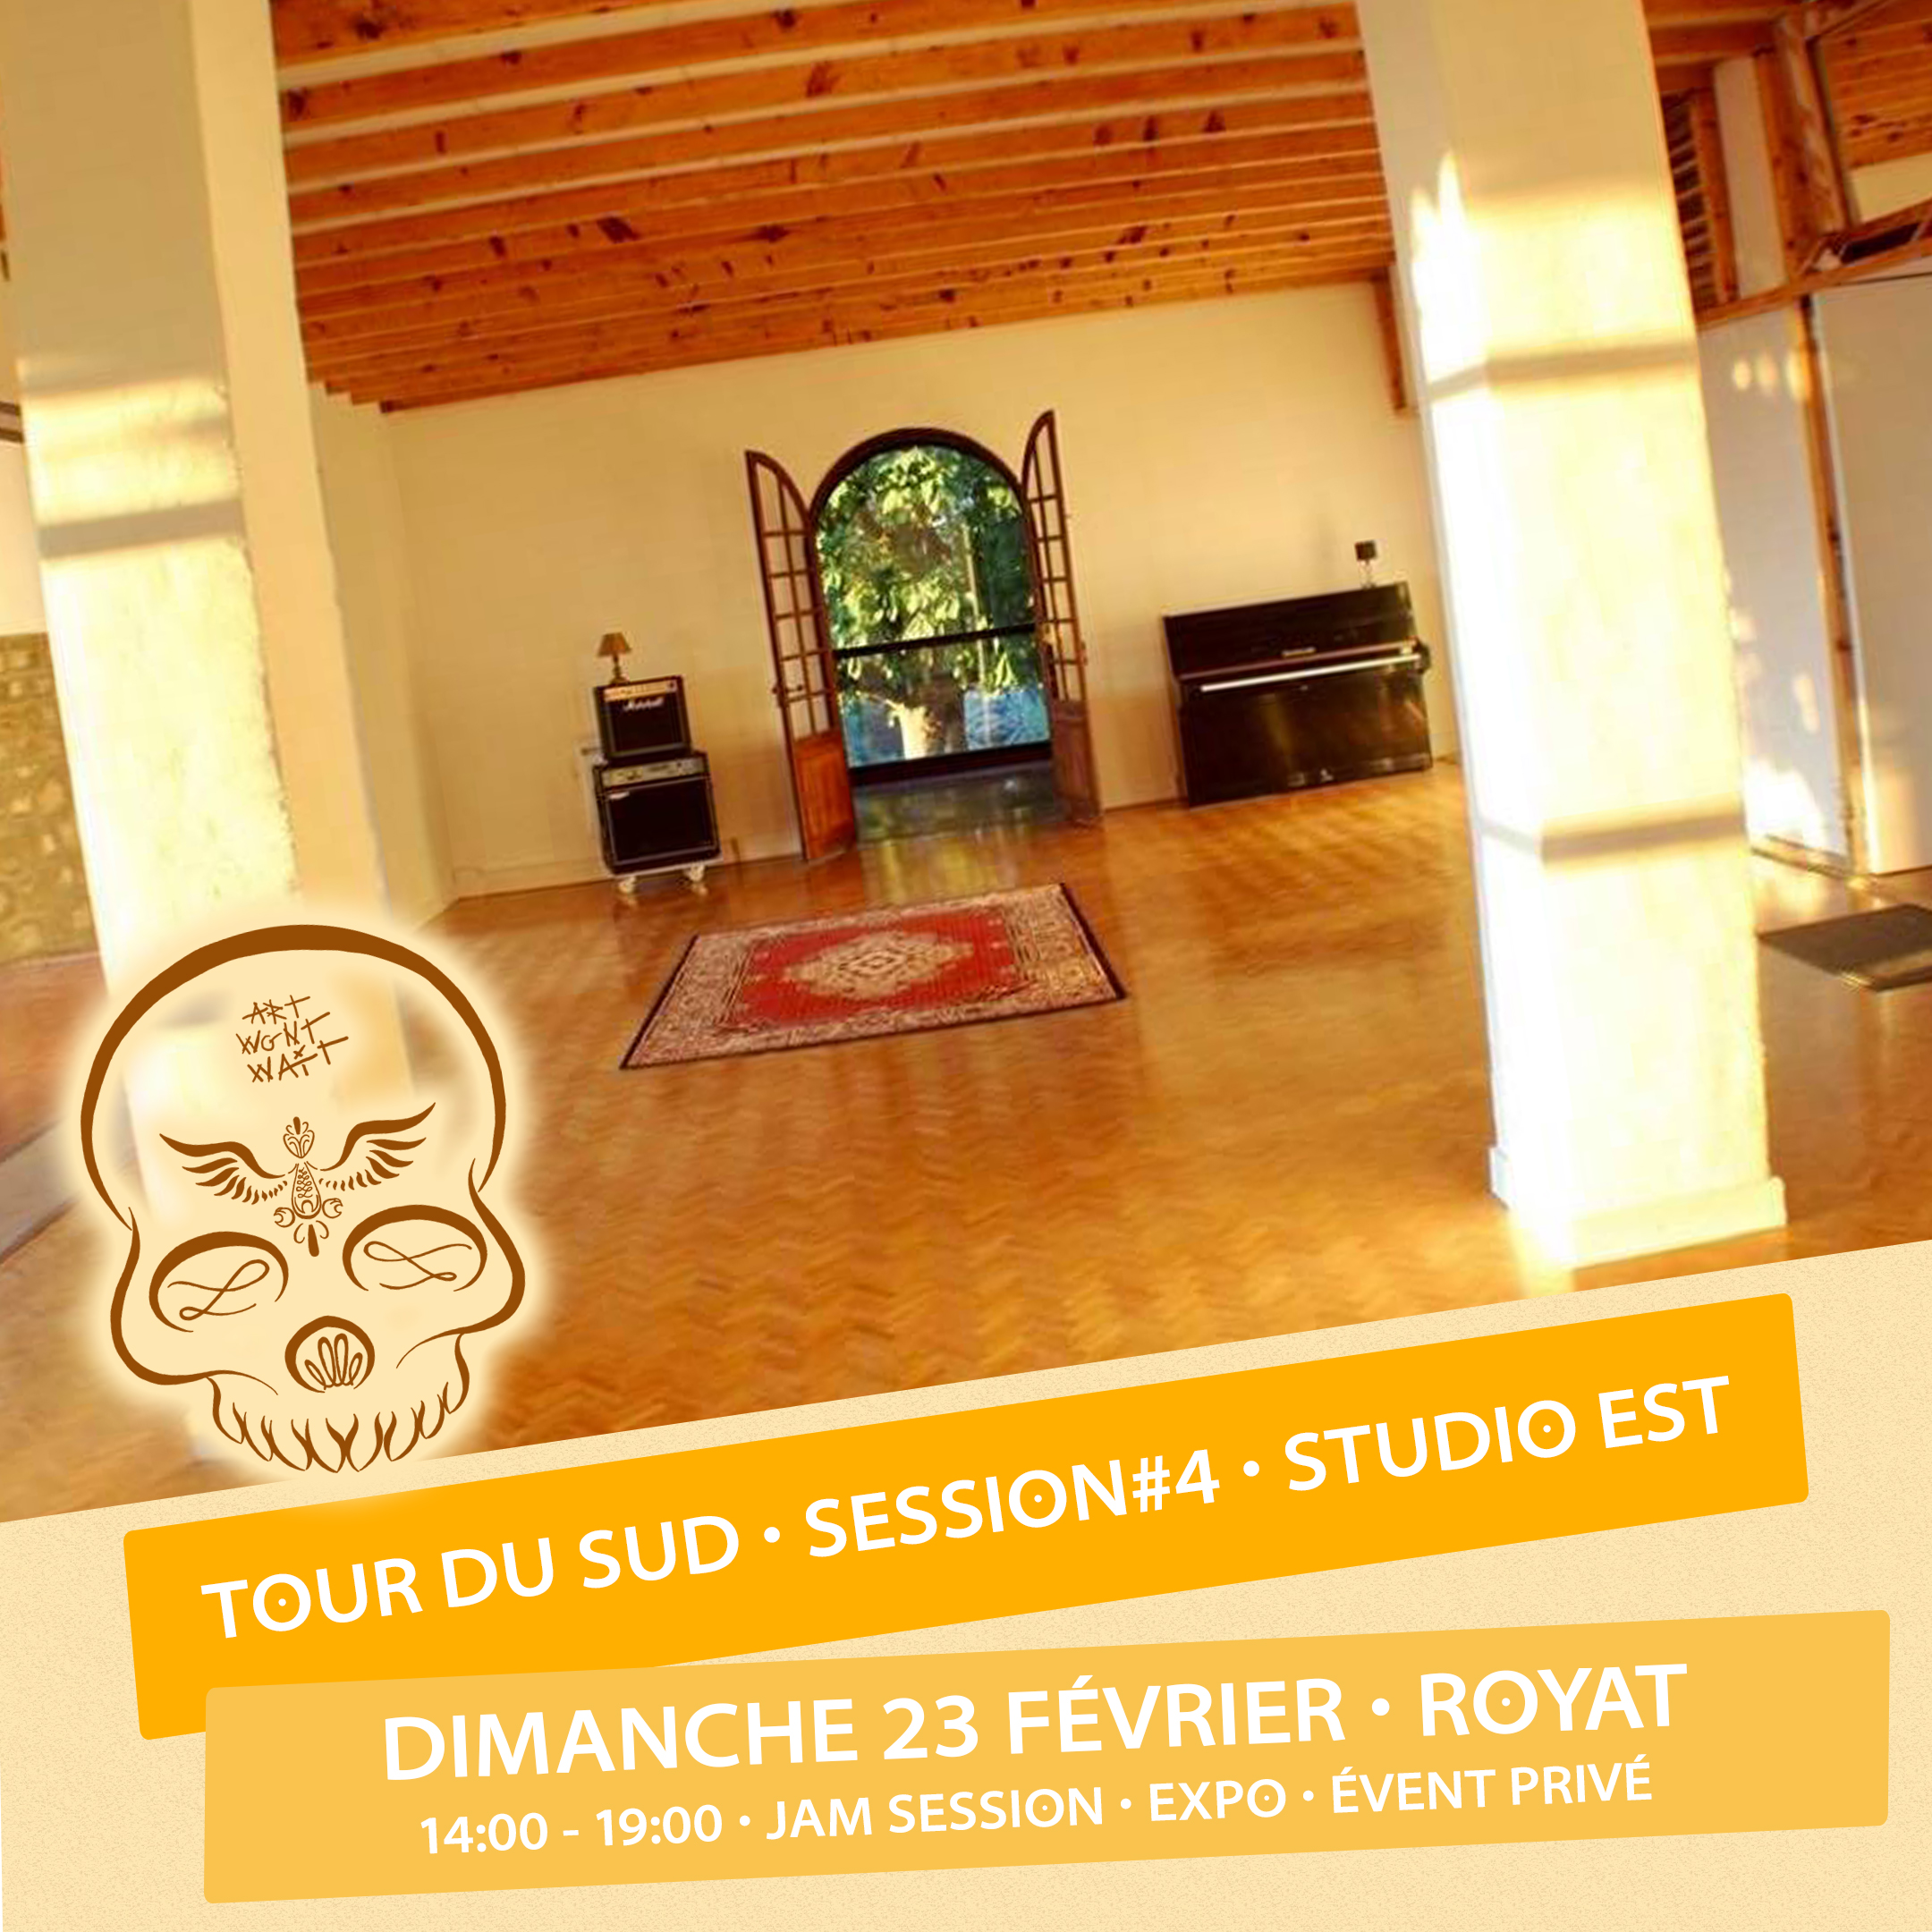 EXPOSITION TOUR DU SUD @ROYAT - 23 FÉVRIER 2020